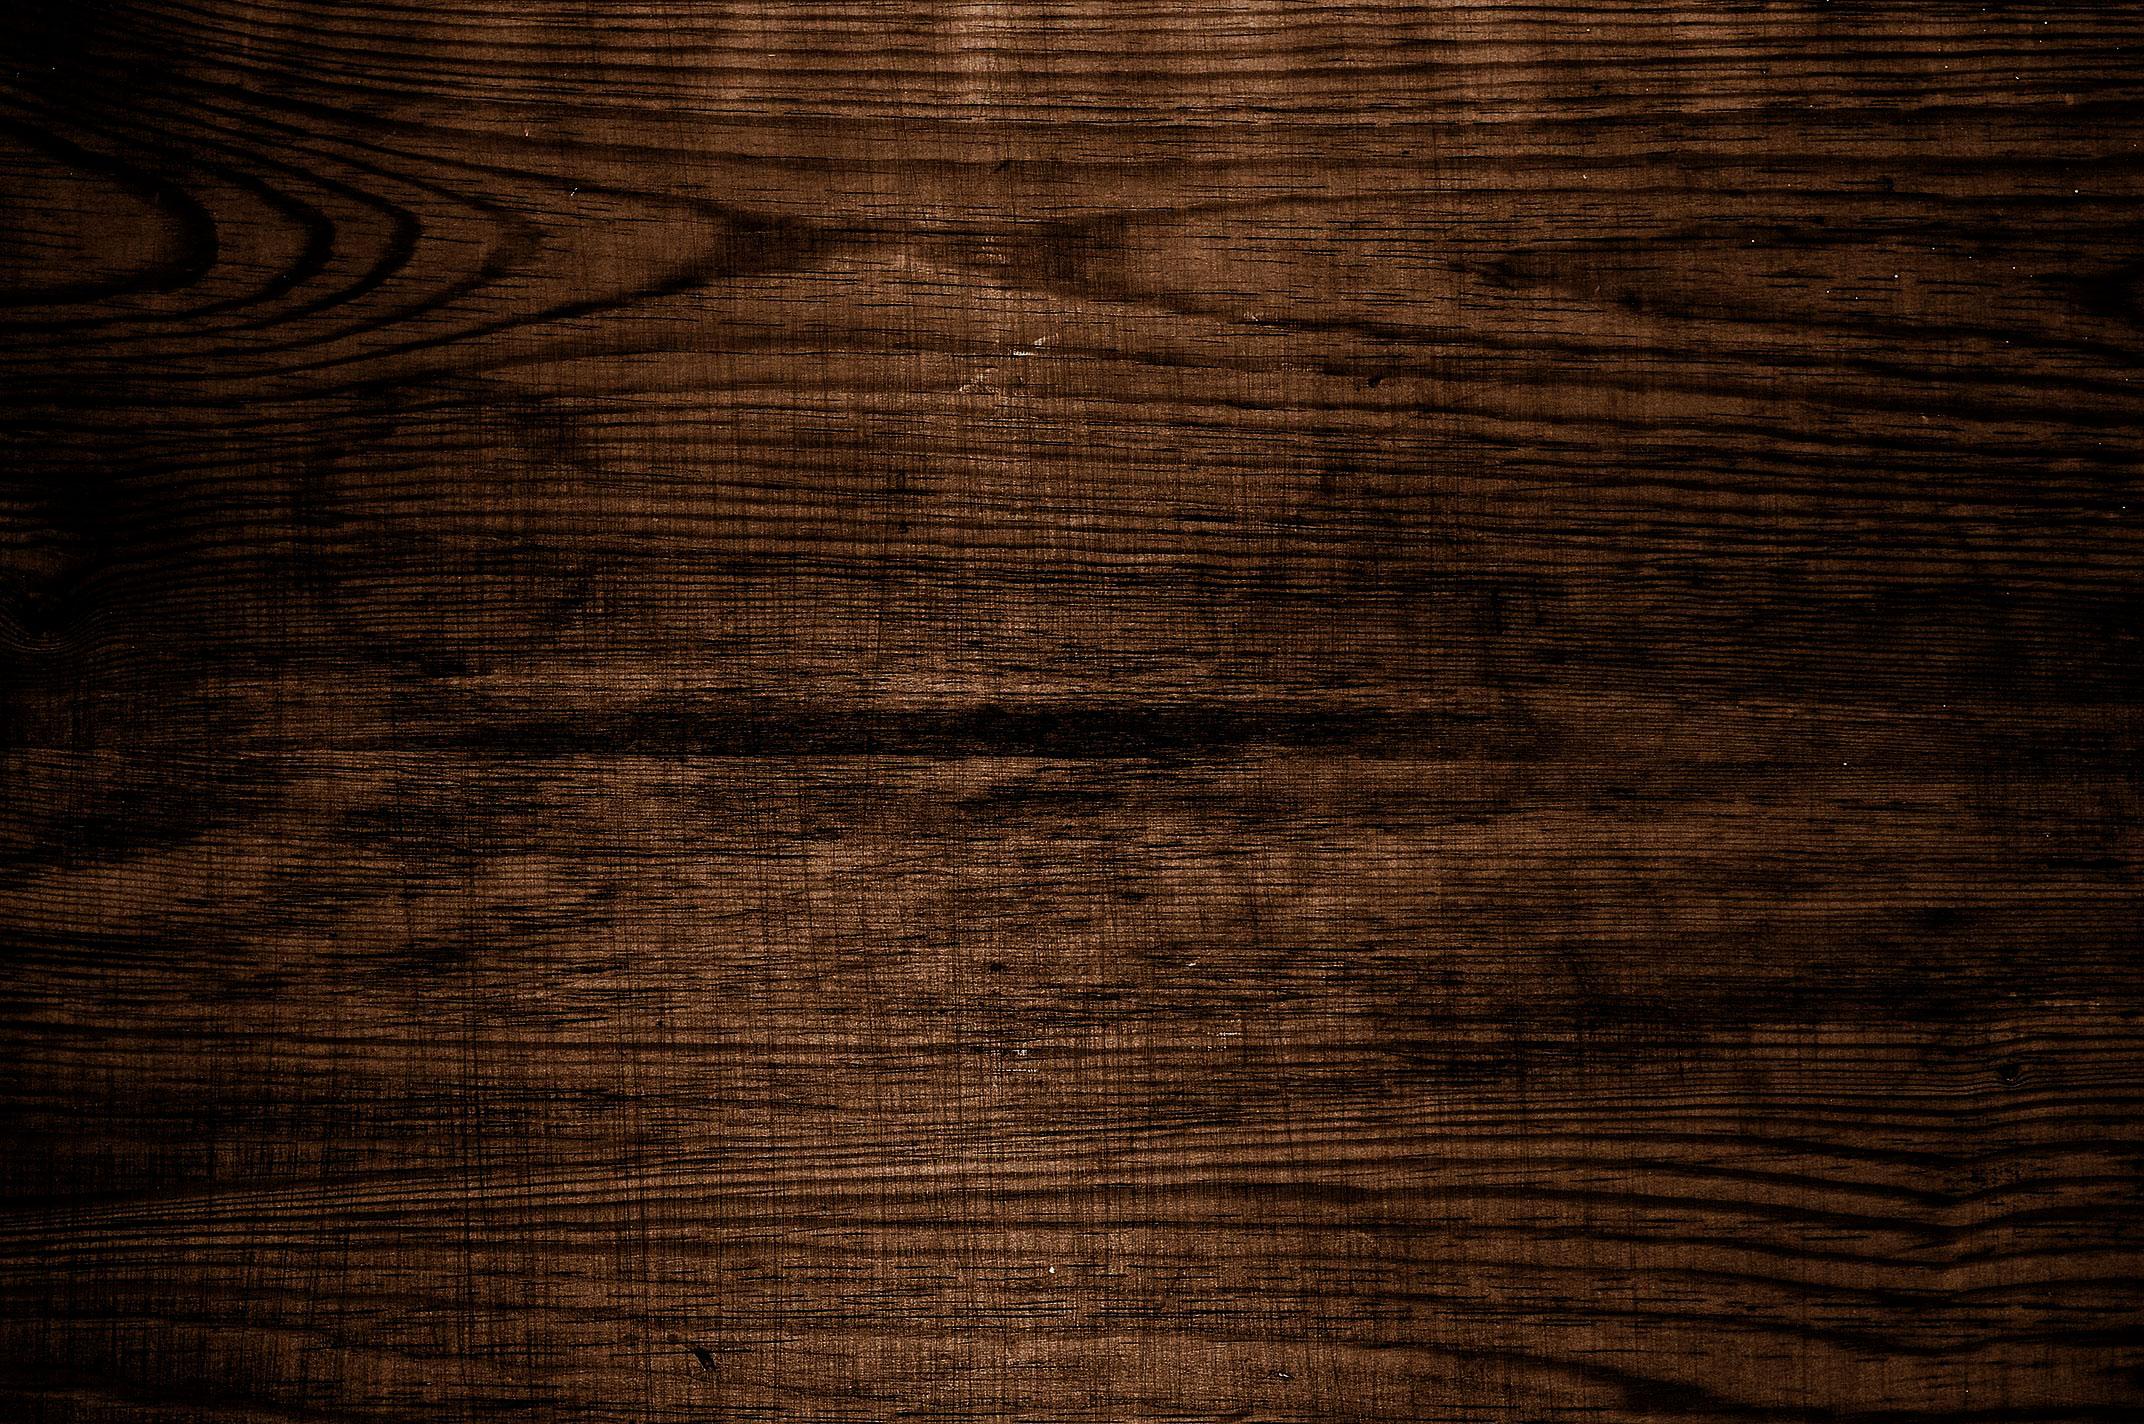 Holz-dunkel_web_neu